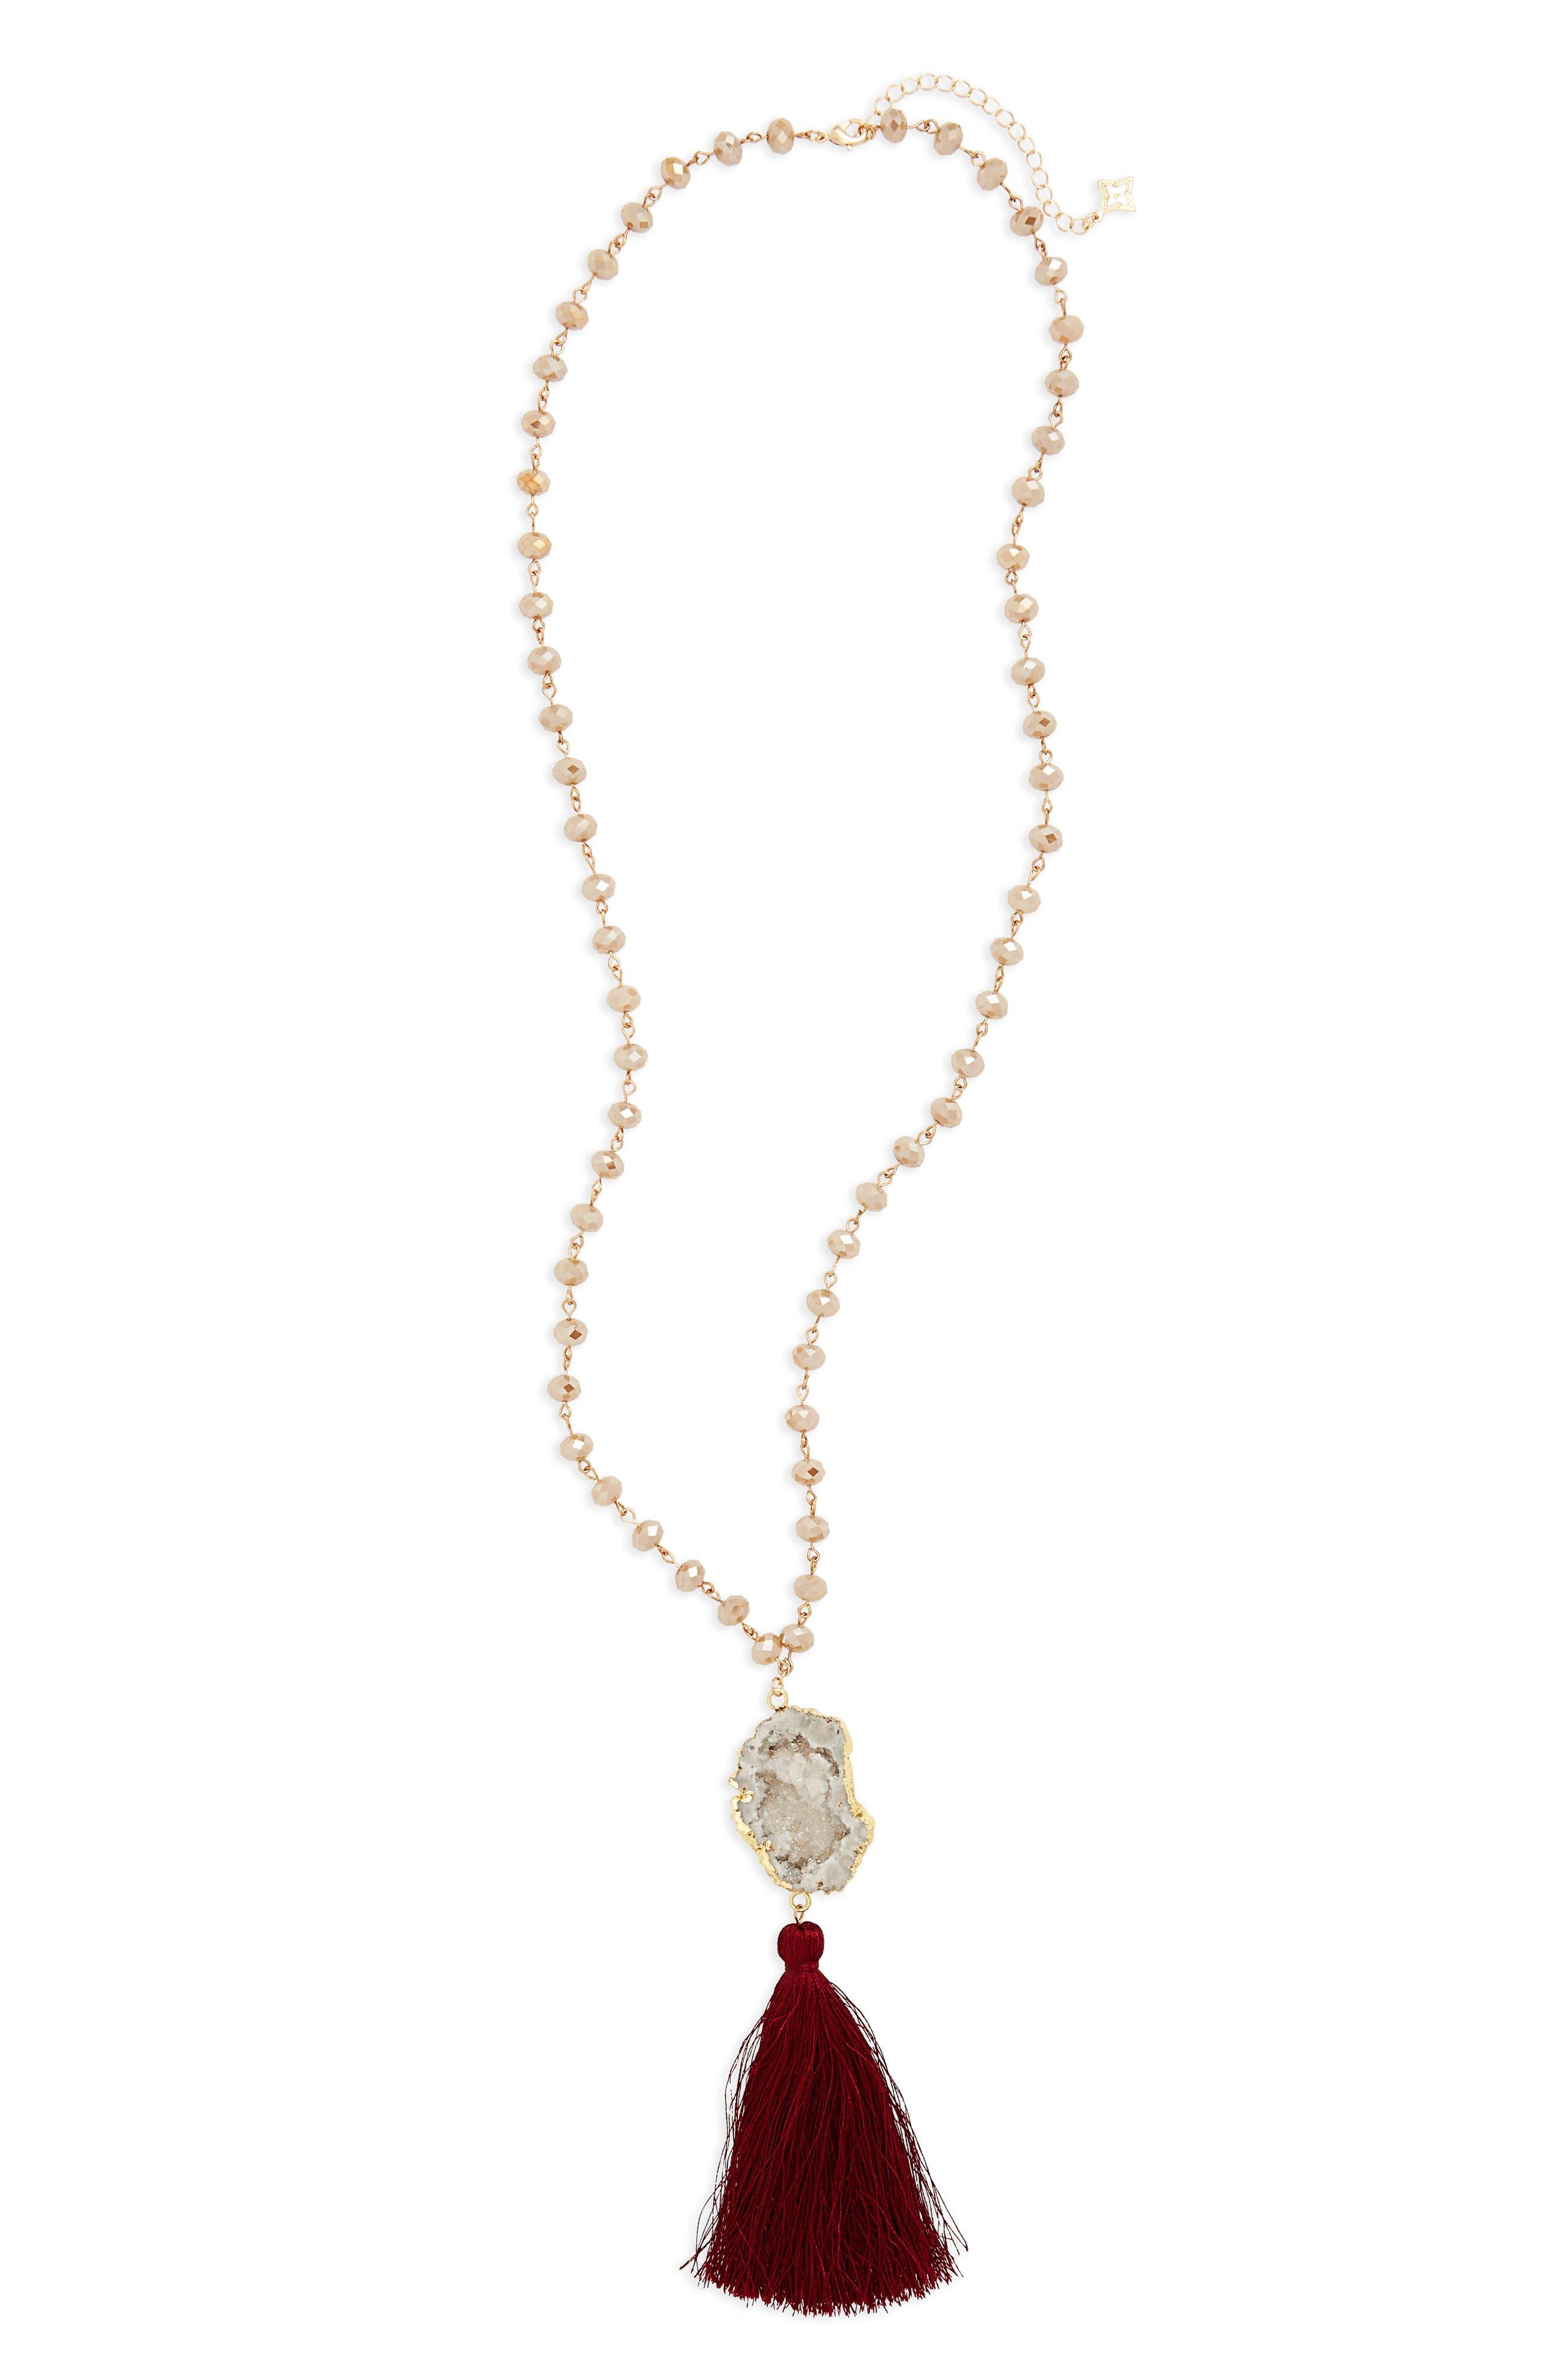 Quartz Pendant Necklace,                         Main,                         color, Multi